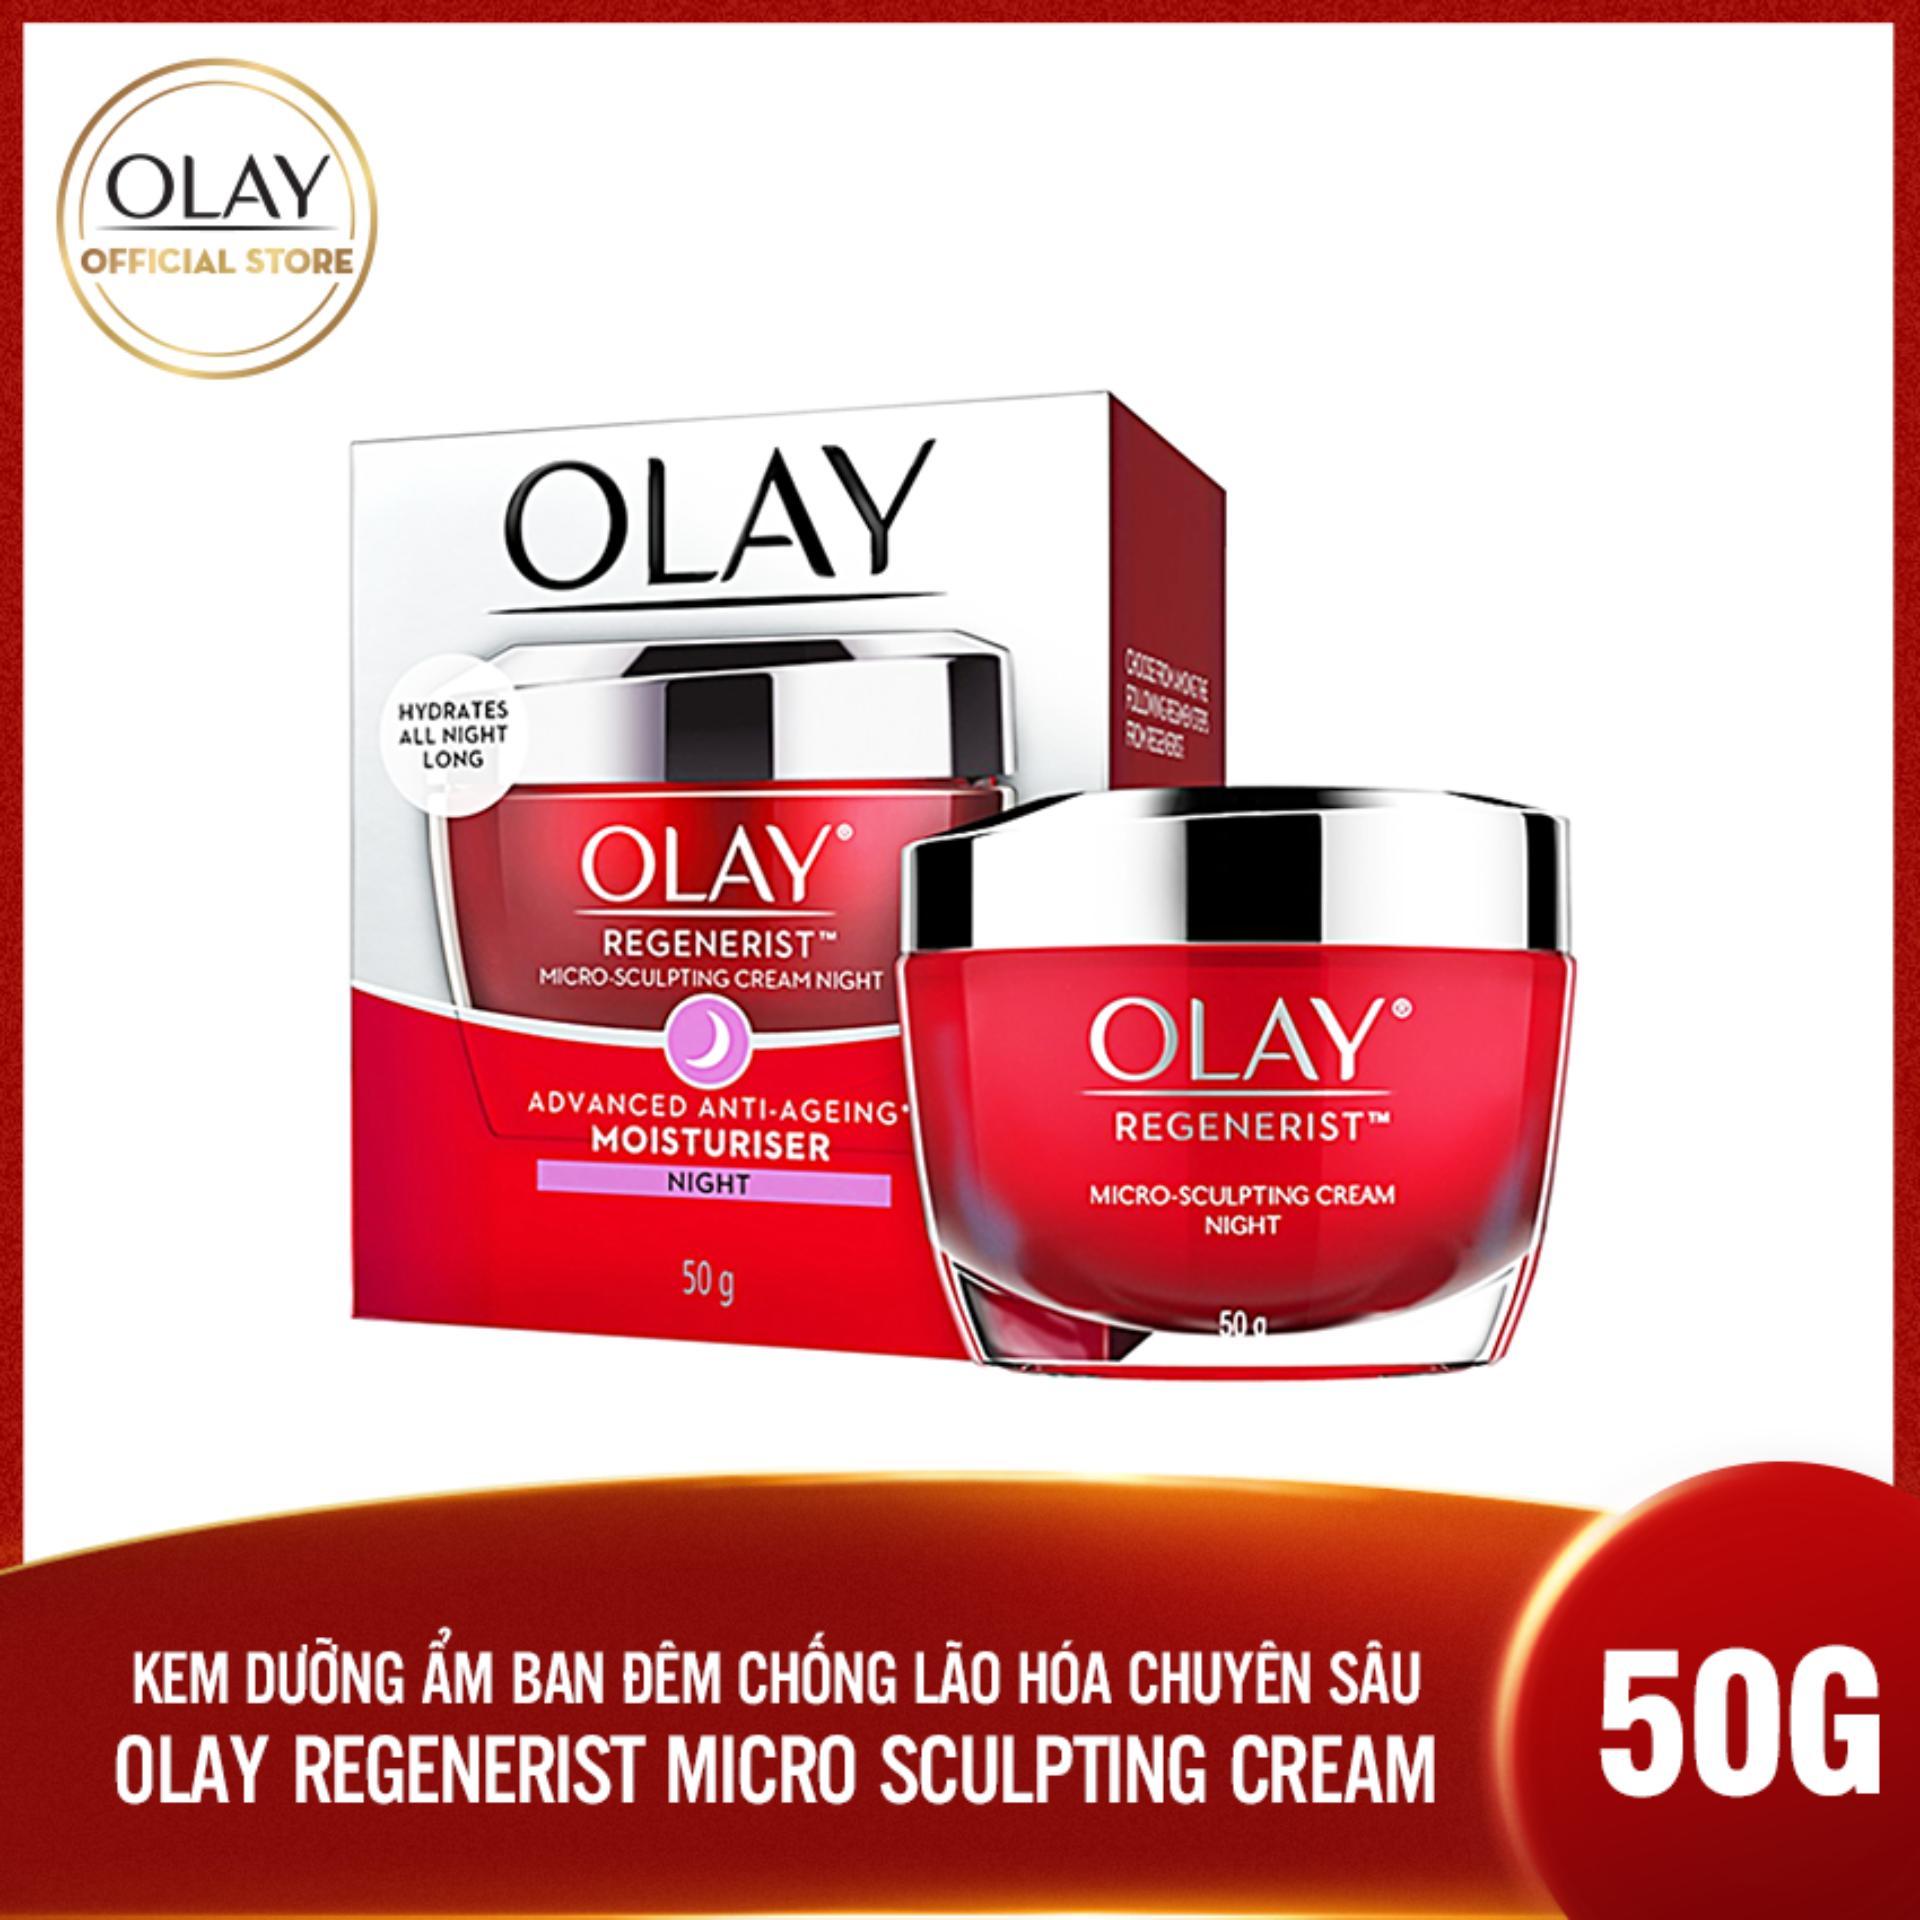 Kem dưỡng ẩm ban đêm chống lão hóa Olay Regenerist Micro Sculpting Cream Night 50g